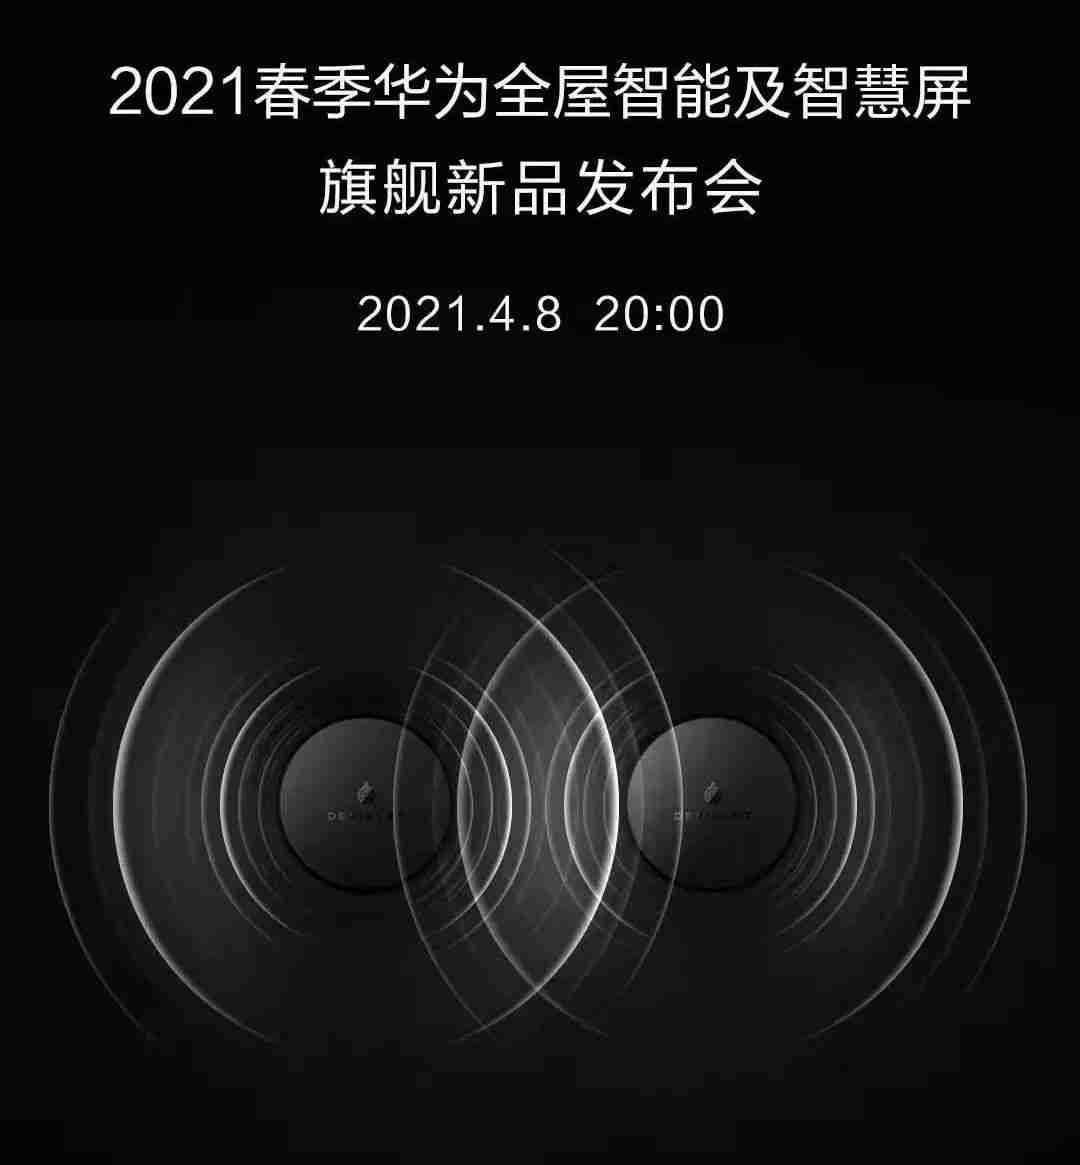 10-华为2021春季全屋智能及智慧屏新品发布会海报